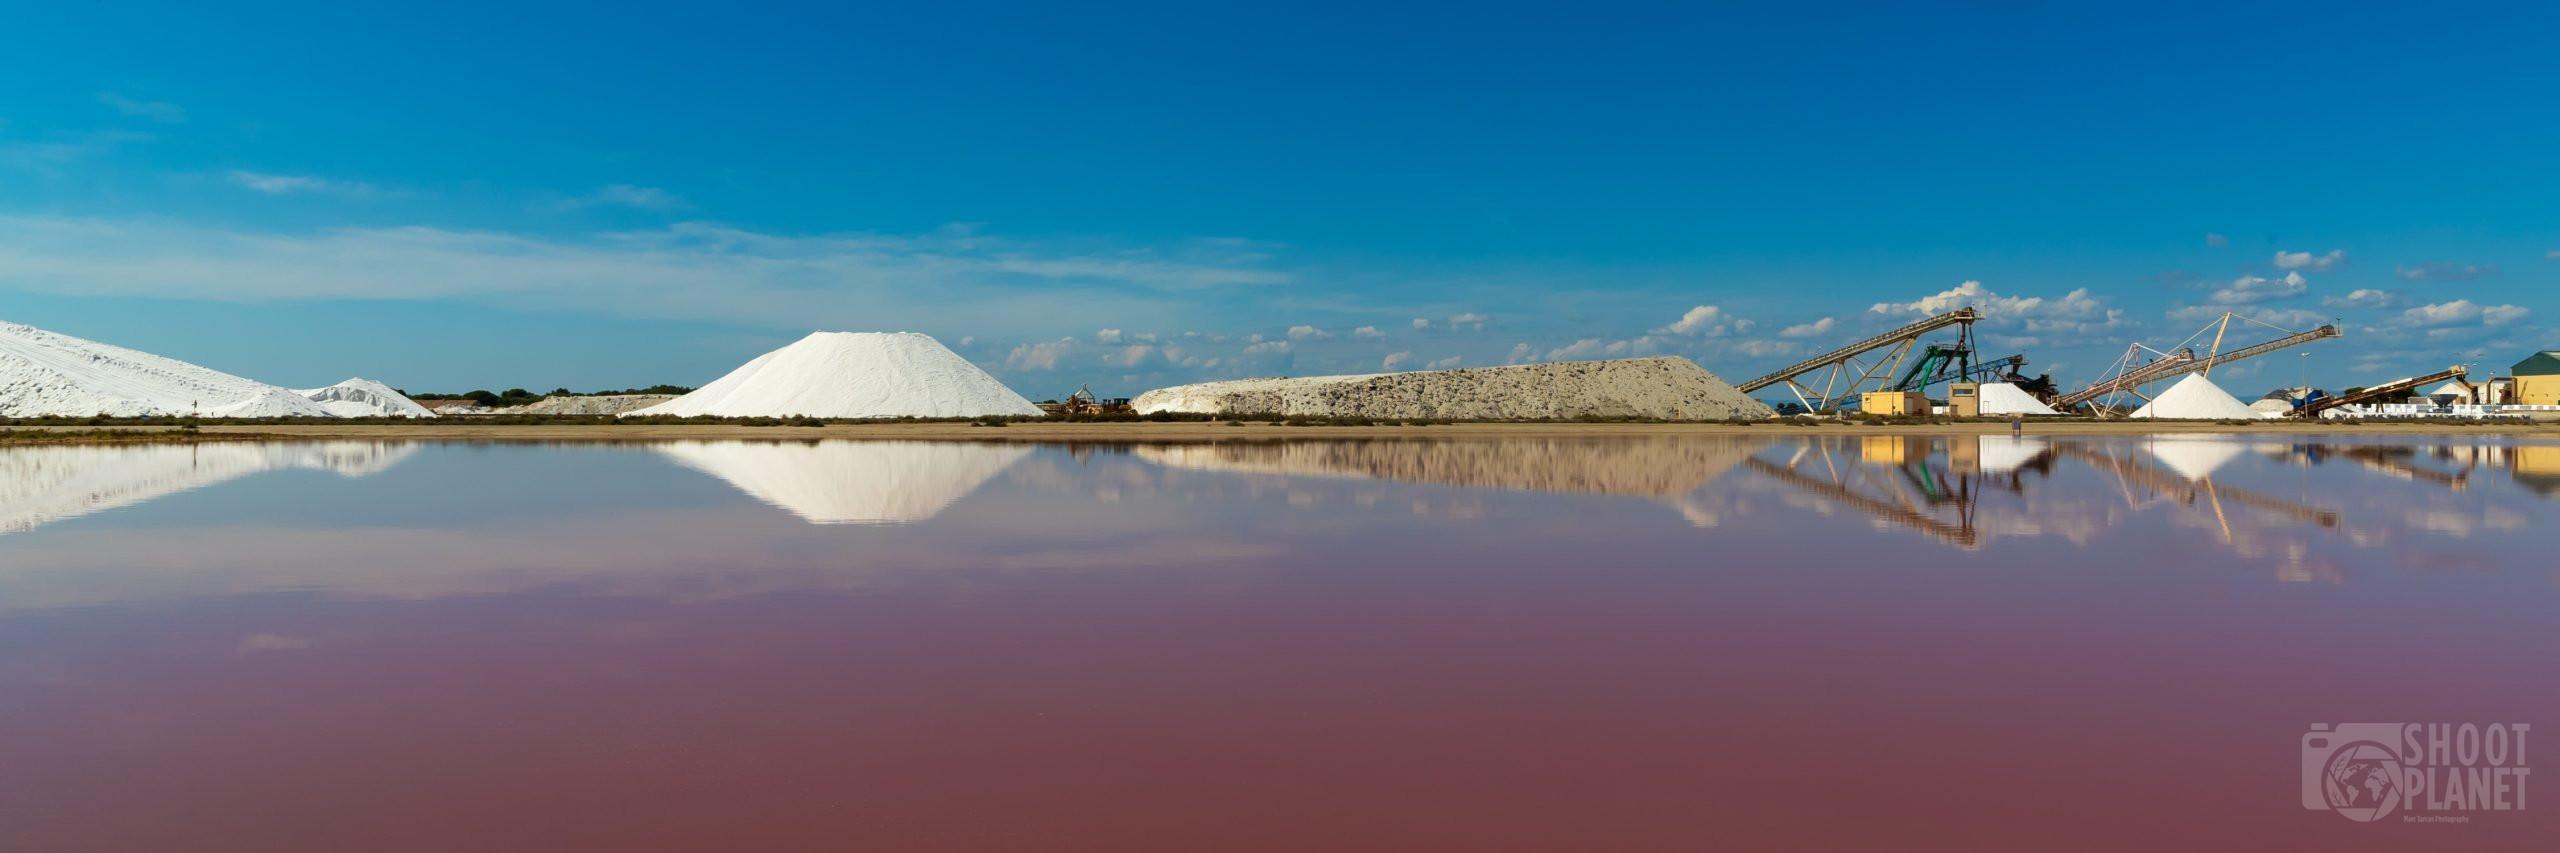 Aigues-Mortes colorful salt works factory, Camargue France